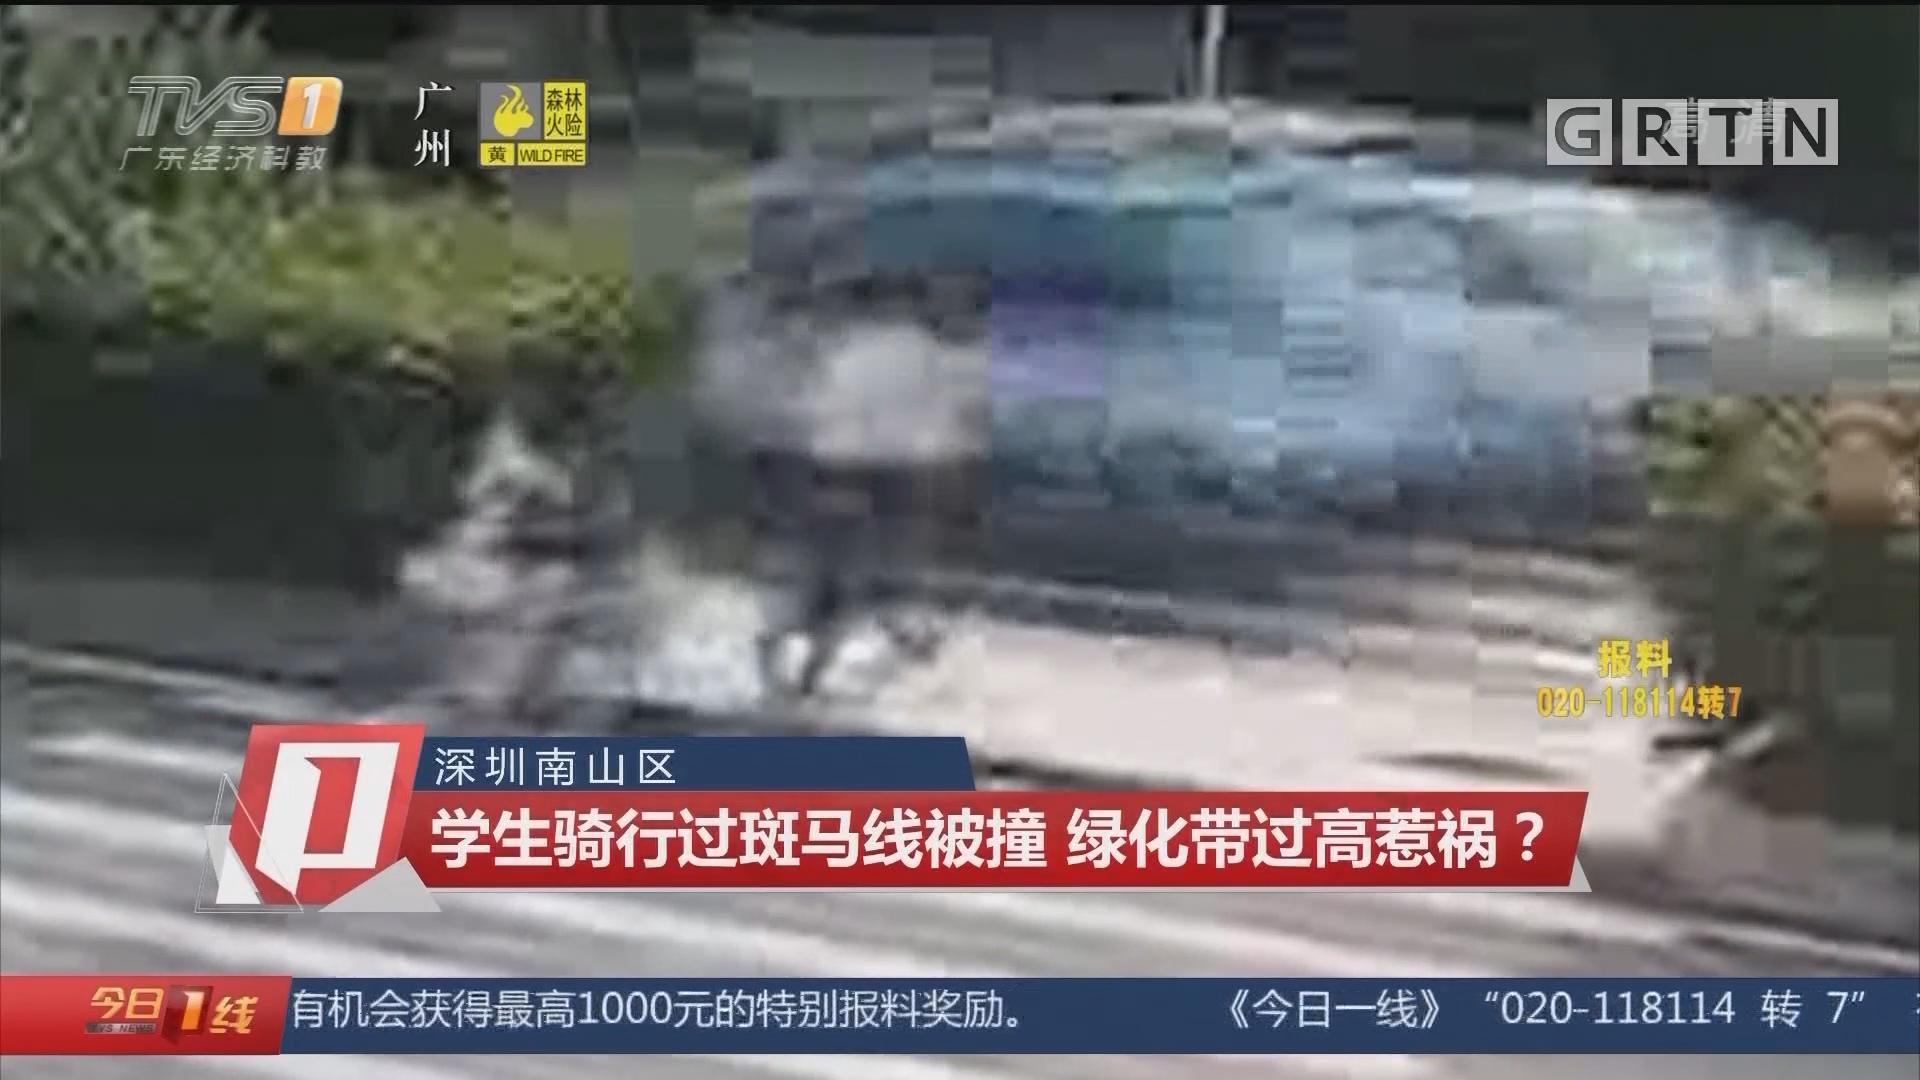 深圳南山区:学生骑行过斑马线被撞 绿化带过高惹祸?